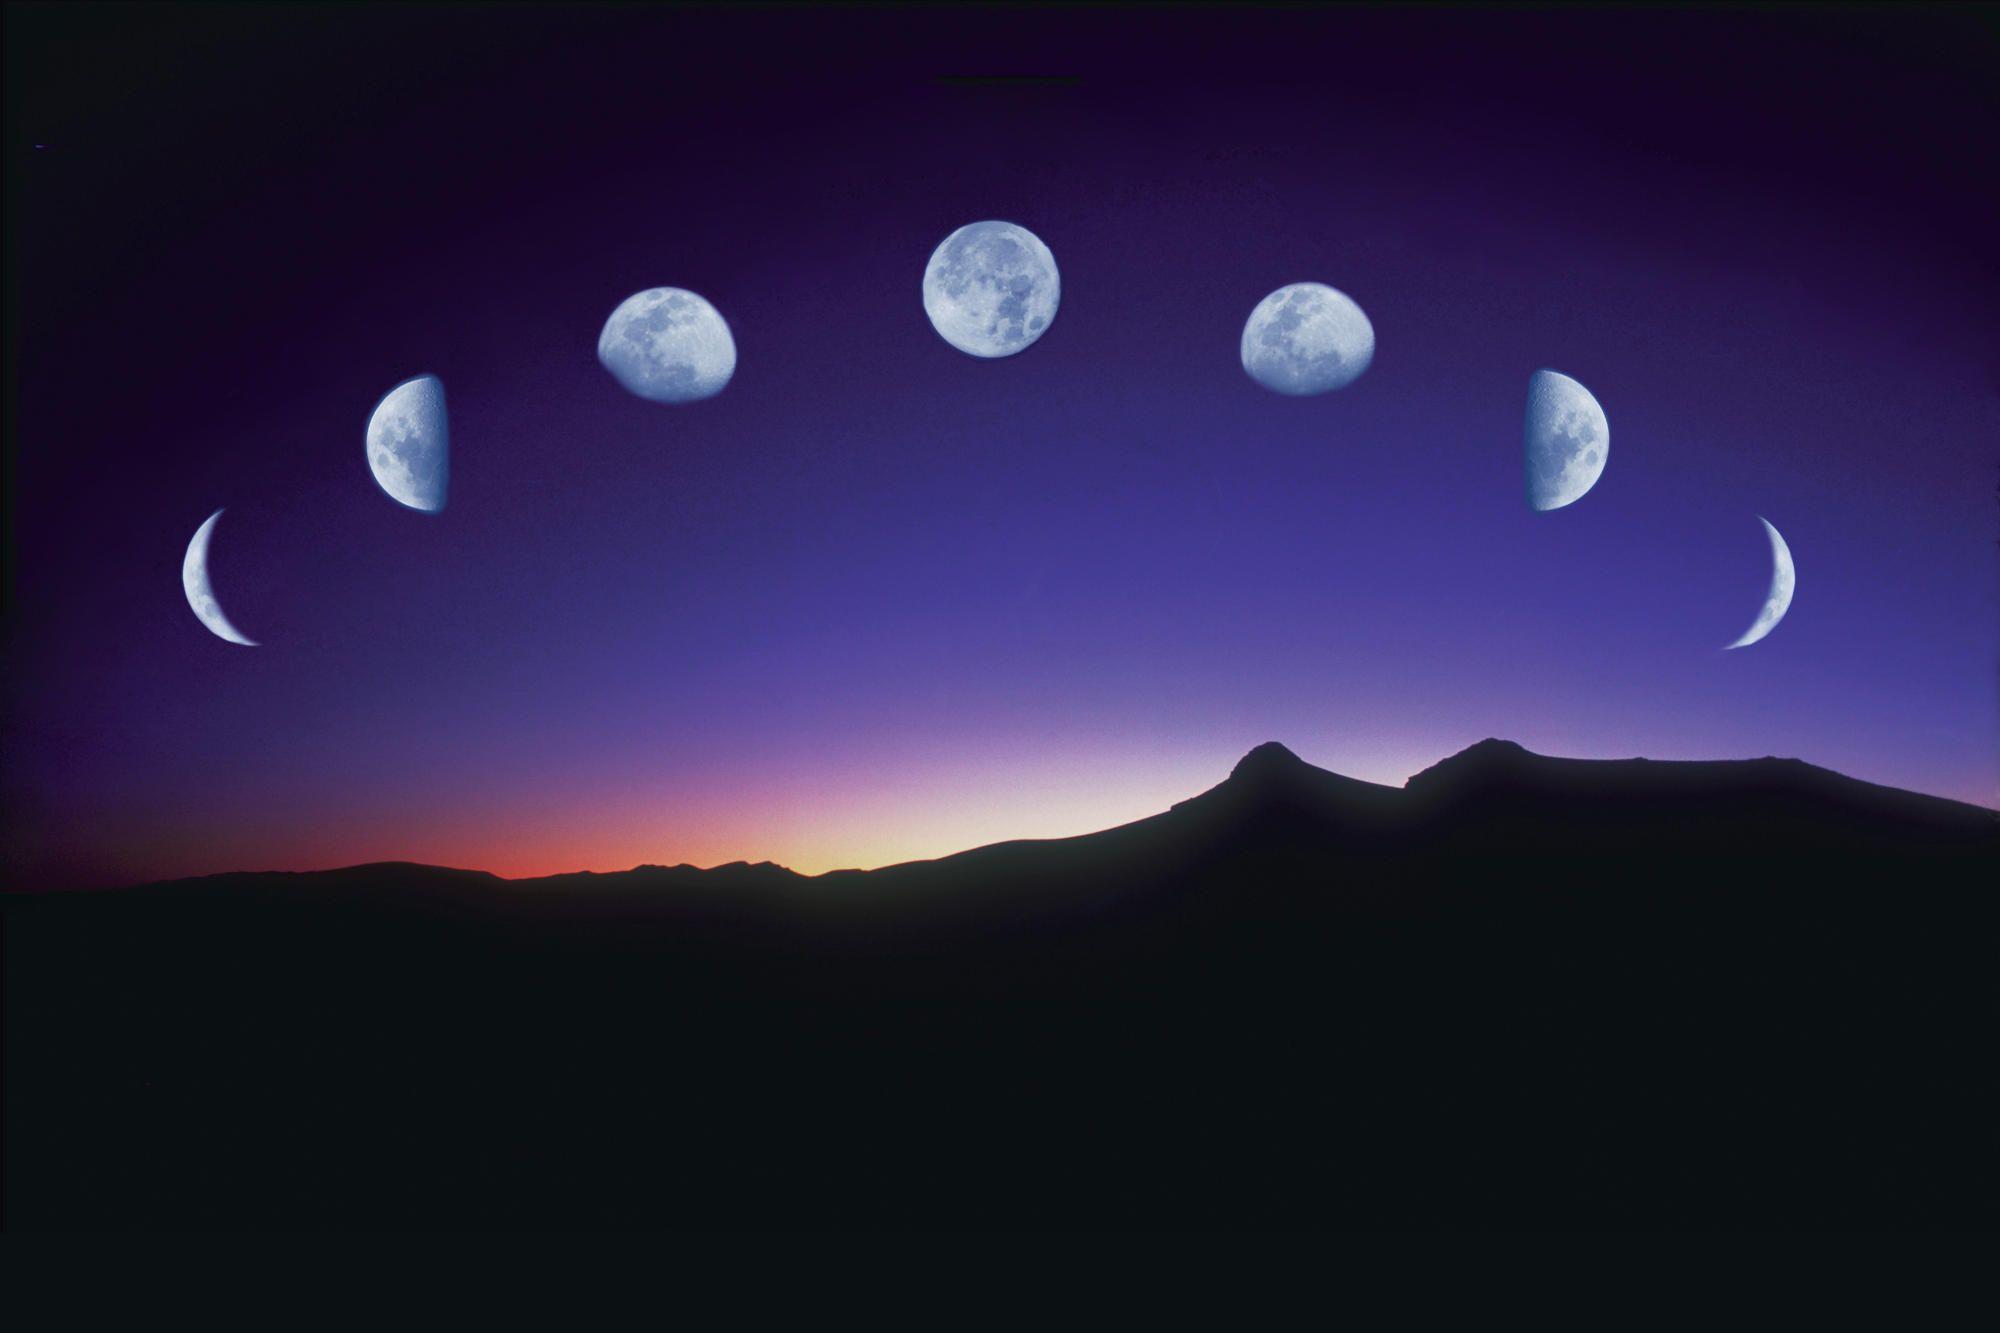 Moon Desktop Wallpapers   Top Moon Desktop Backgrounds 2000x1333